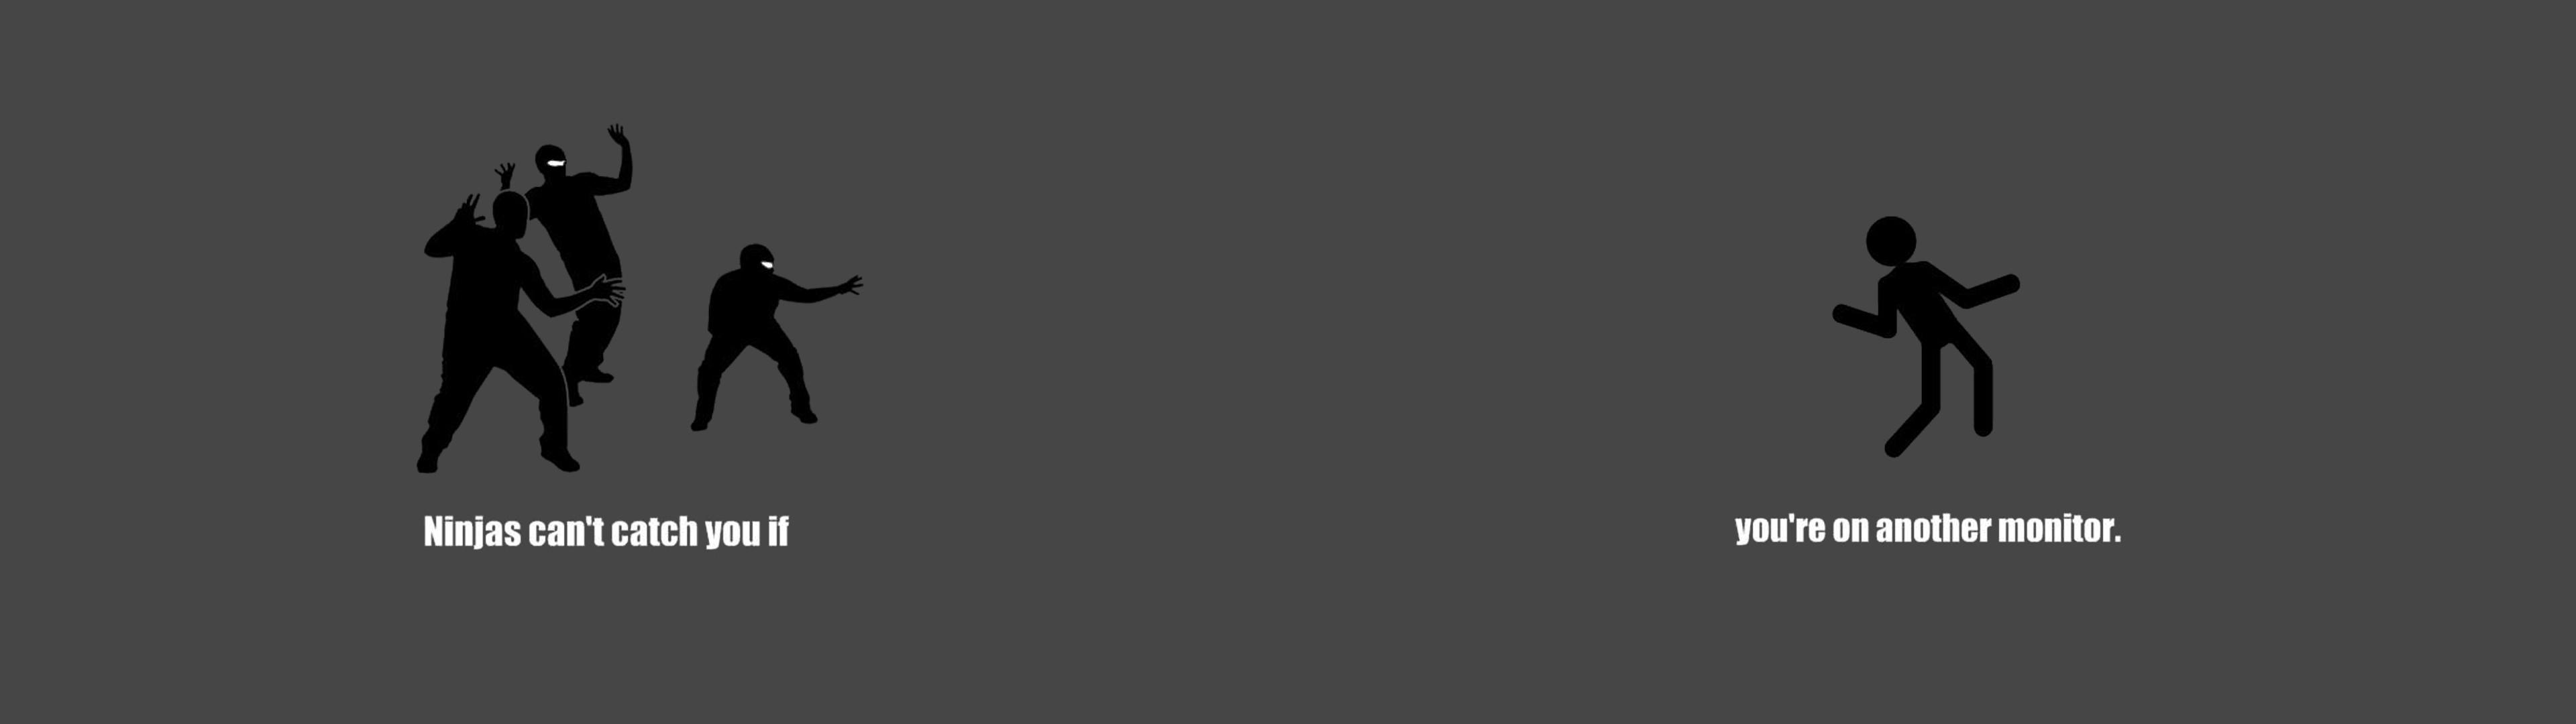 naruto hd wallpapers 1080p download